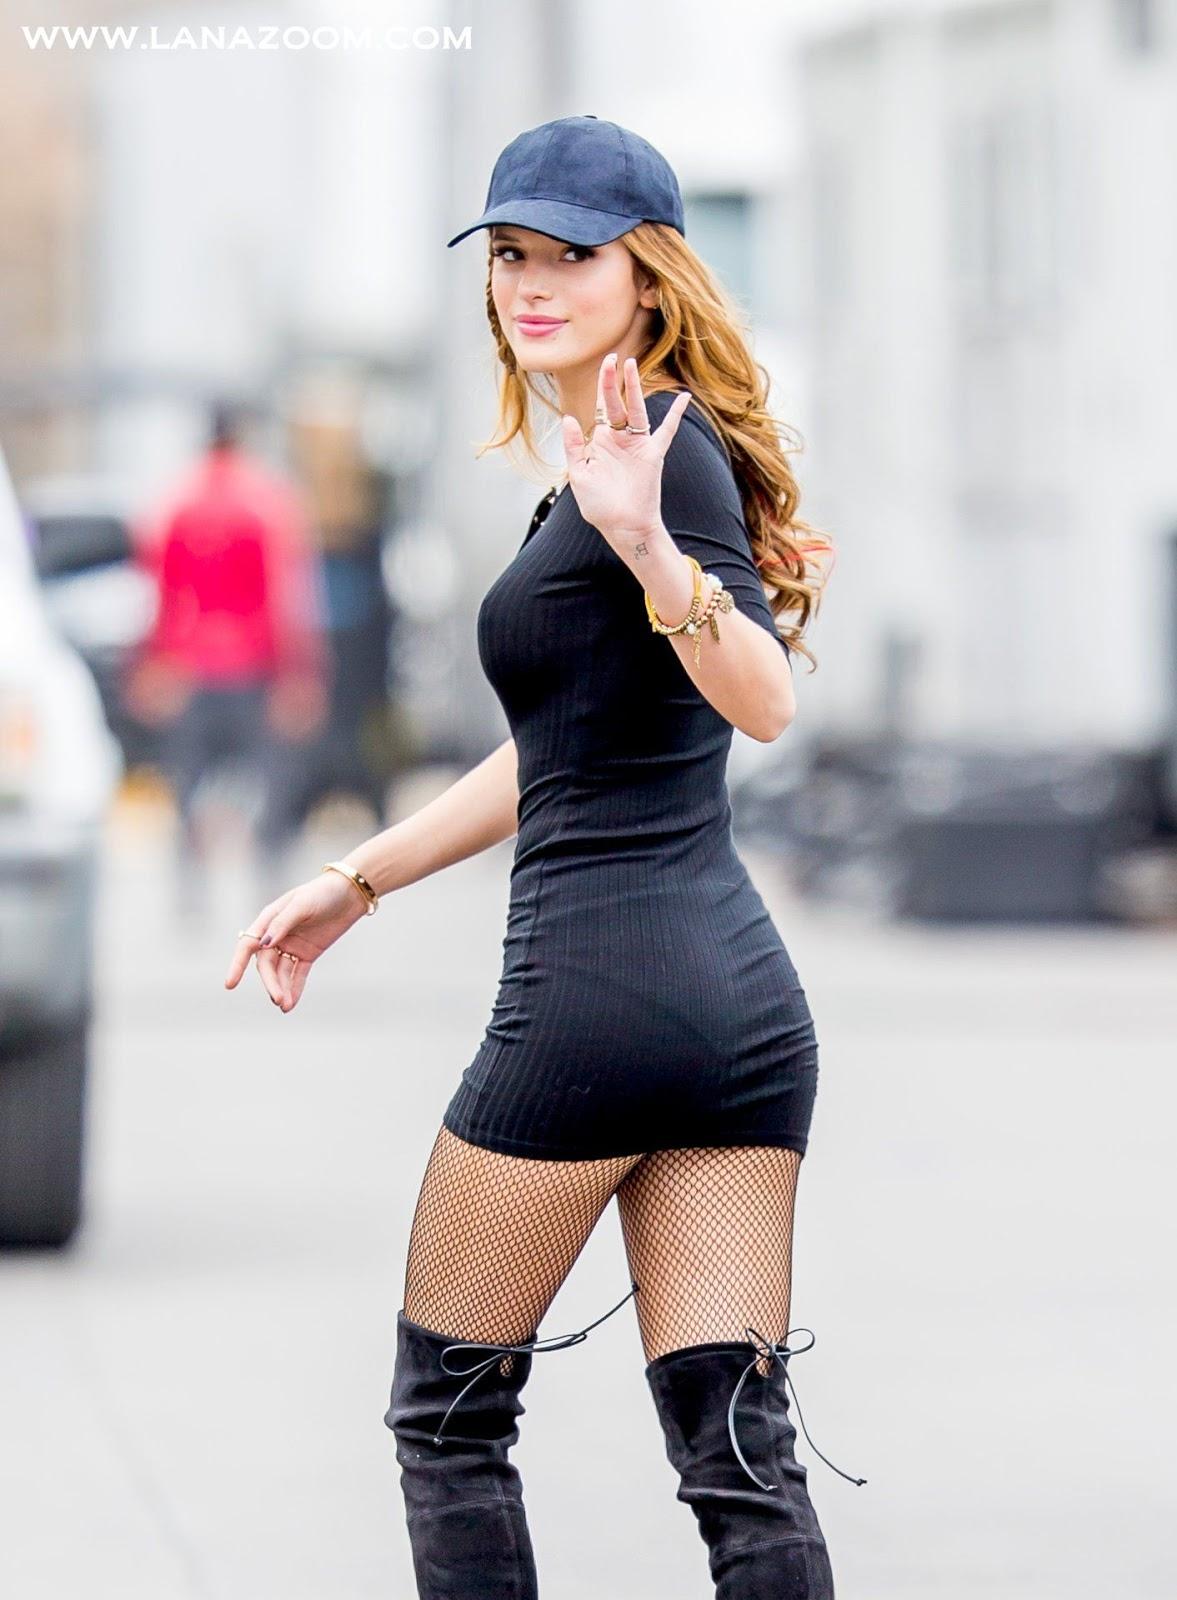 e2f2559dc مجلة لانا زووم: بيلا ثورن بفستان بدون حمالة الصدر ! خلال تصوير فيلم ...